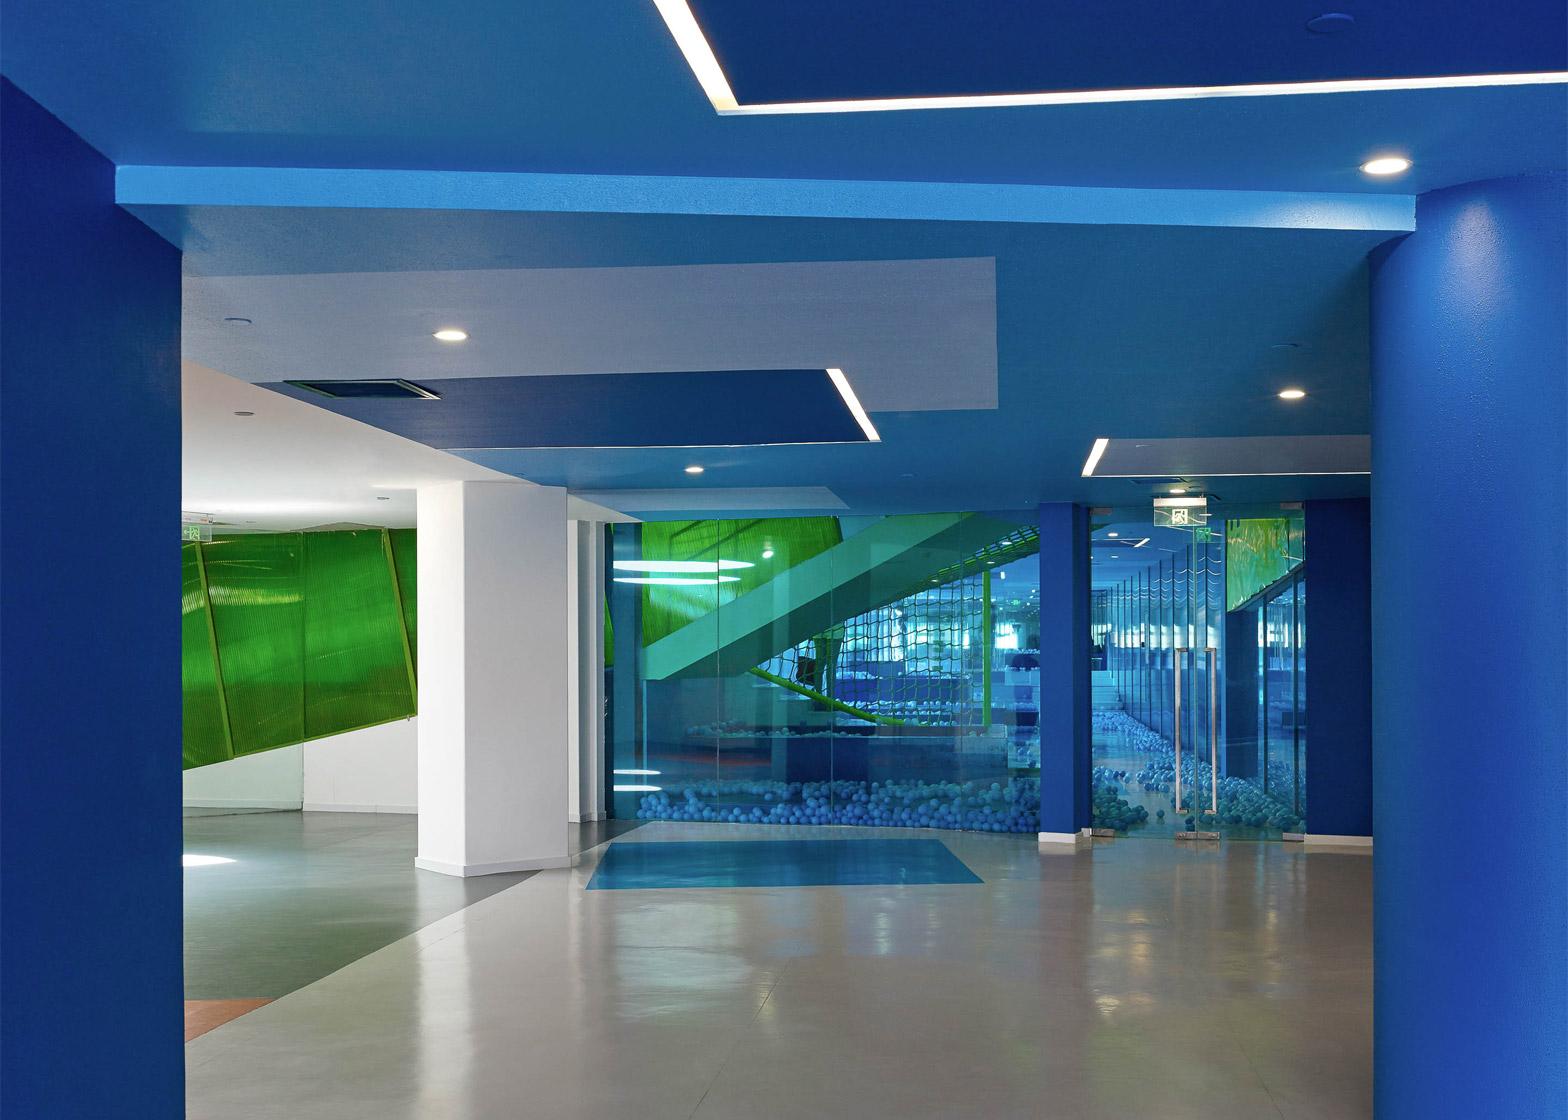 Дизайн коридора детского сада насыщенного синего цвета